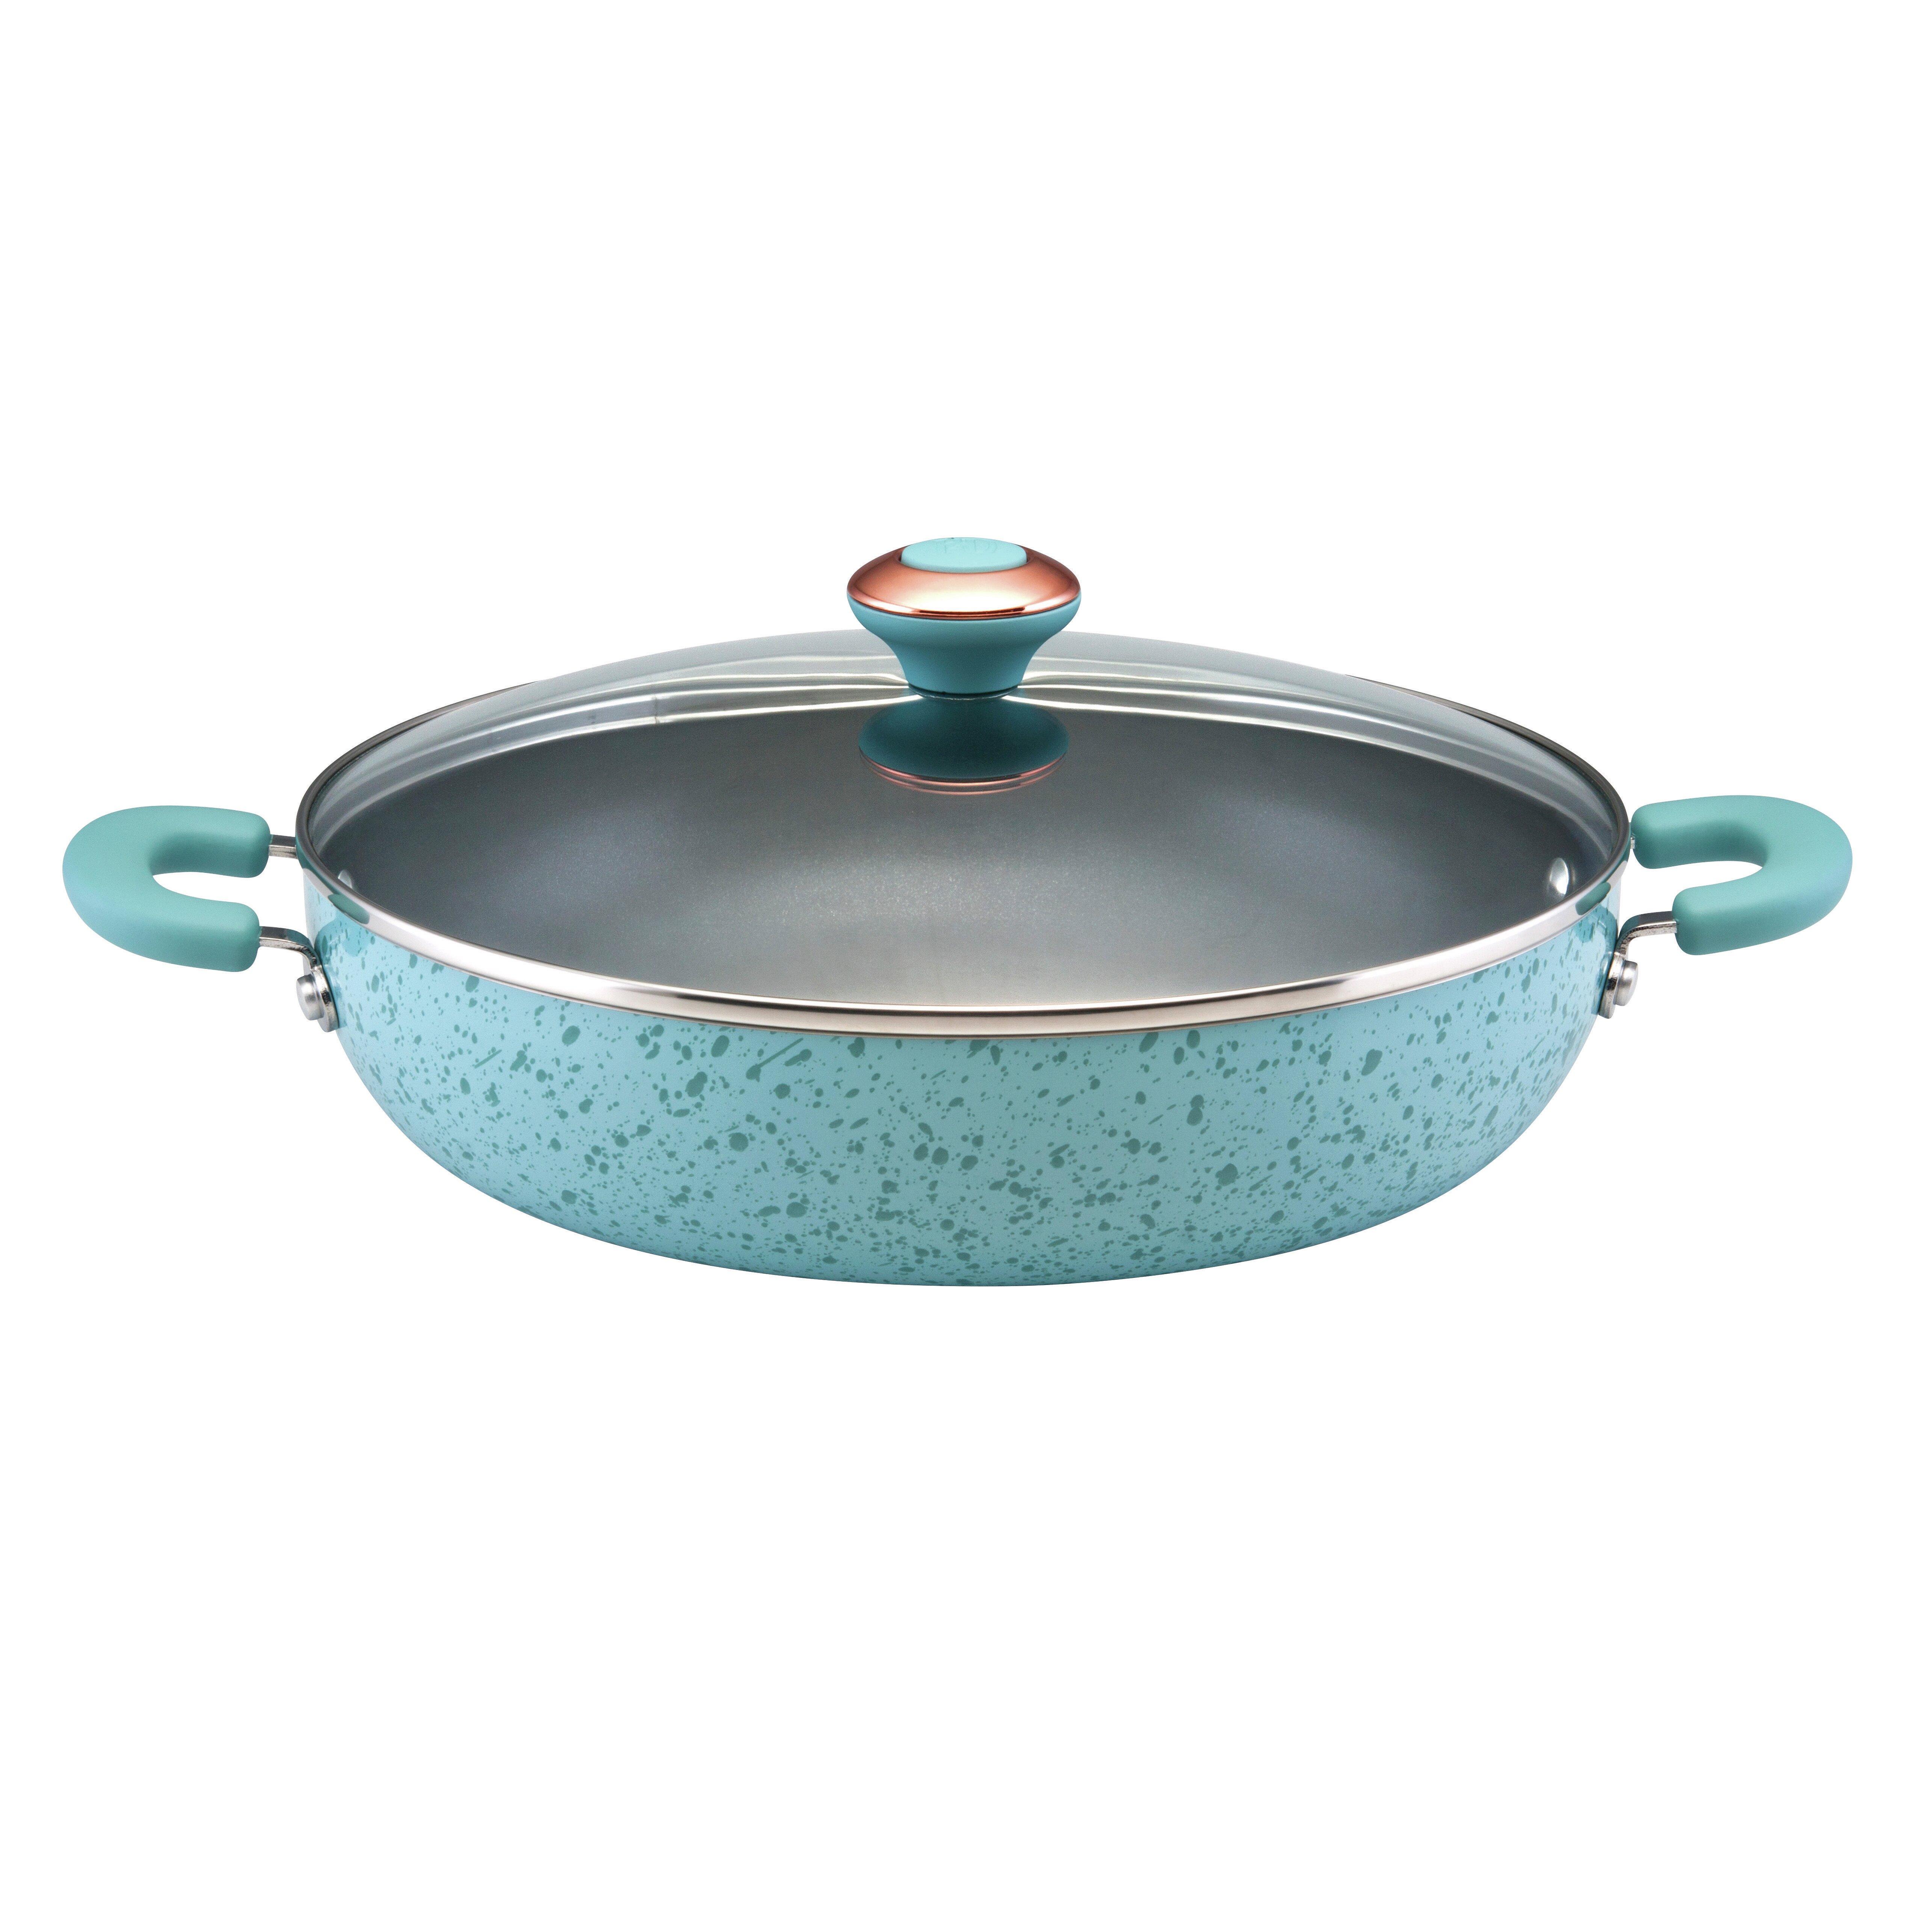 Paula Deen Signature 12 Non Stick Frying Pan With Lid Reviews Wayfair